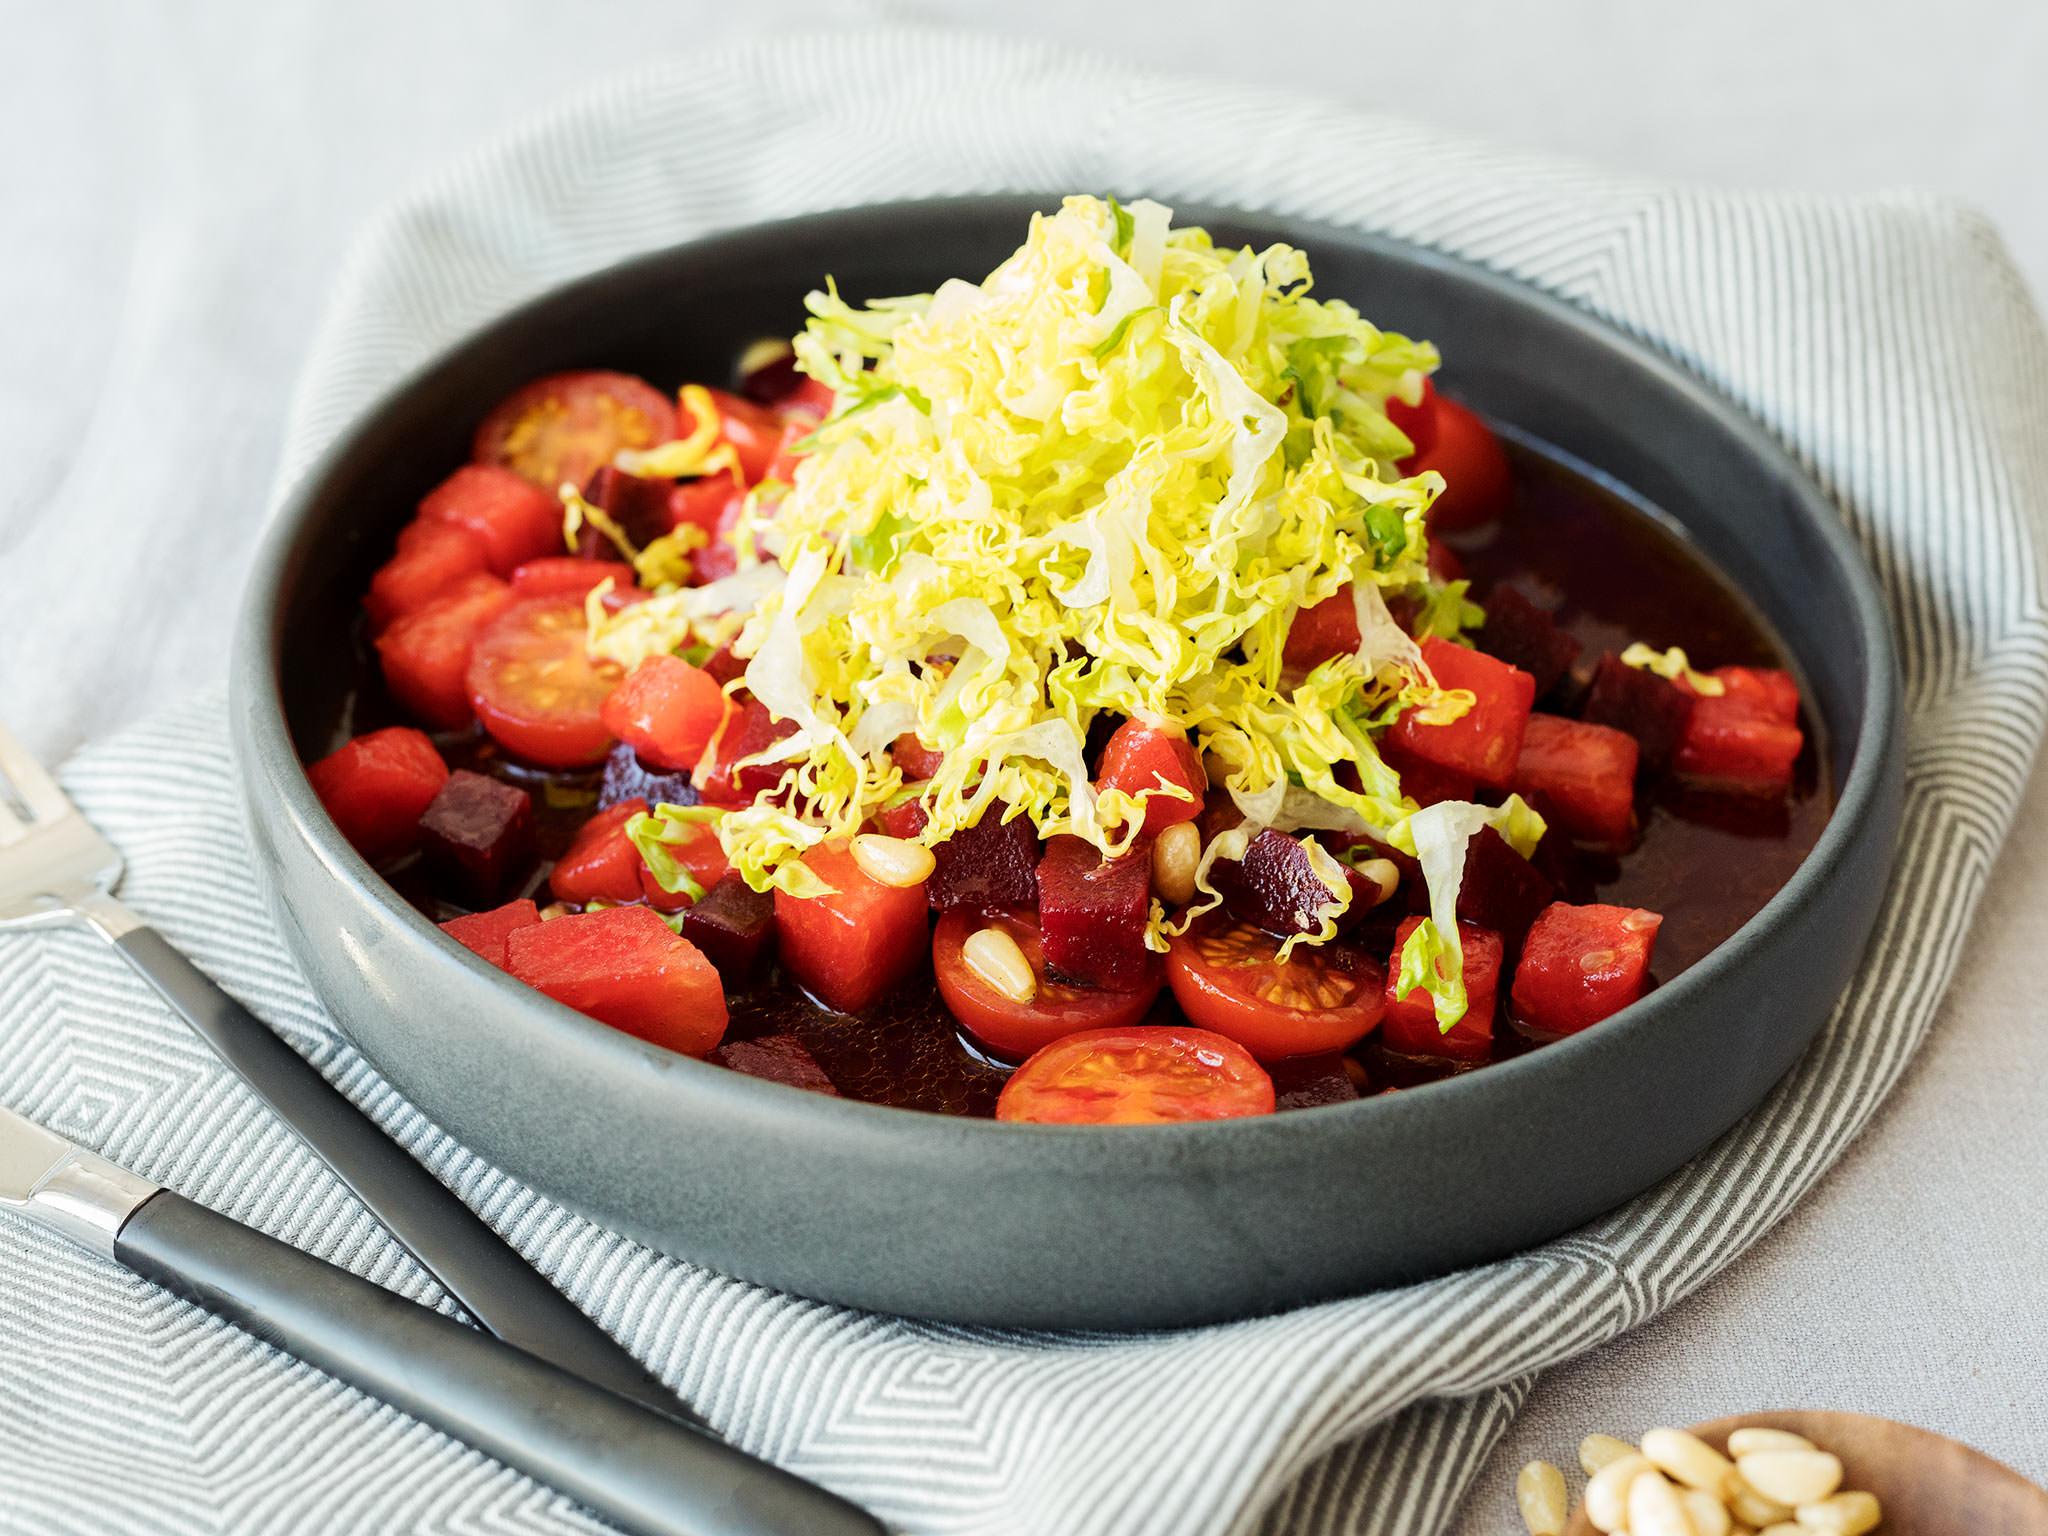 wassermelonen tomaten salat mit rote bete rezept kitchen stories. Black Bedroom Furniture Sets. Home Design Ideas